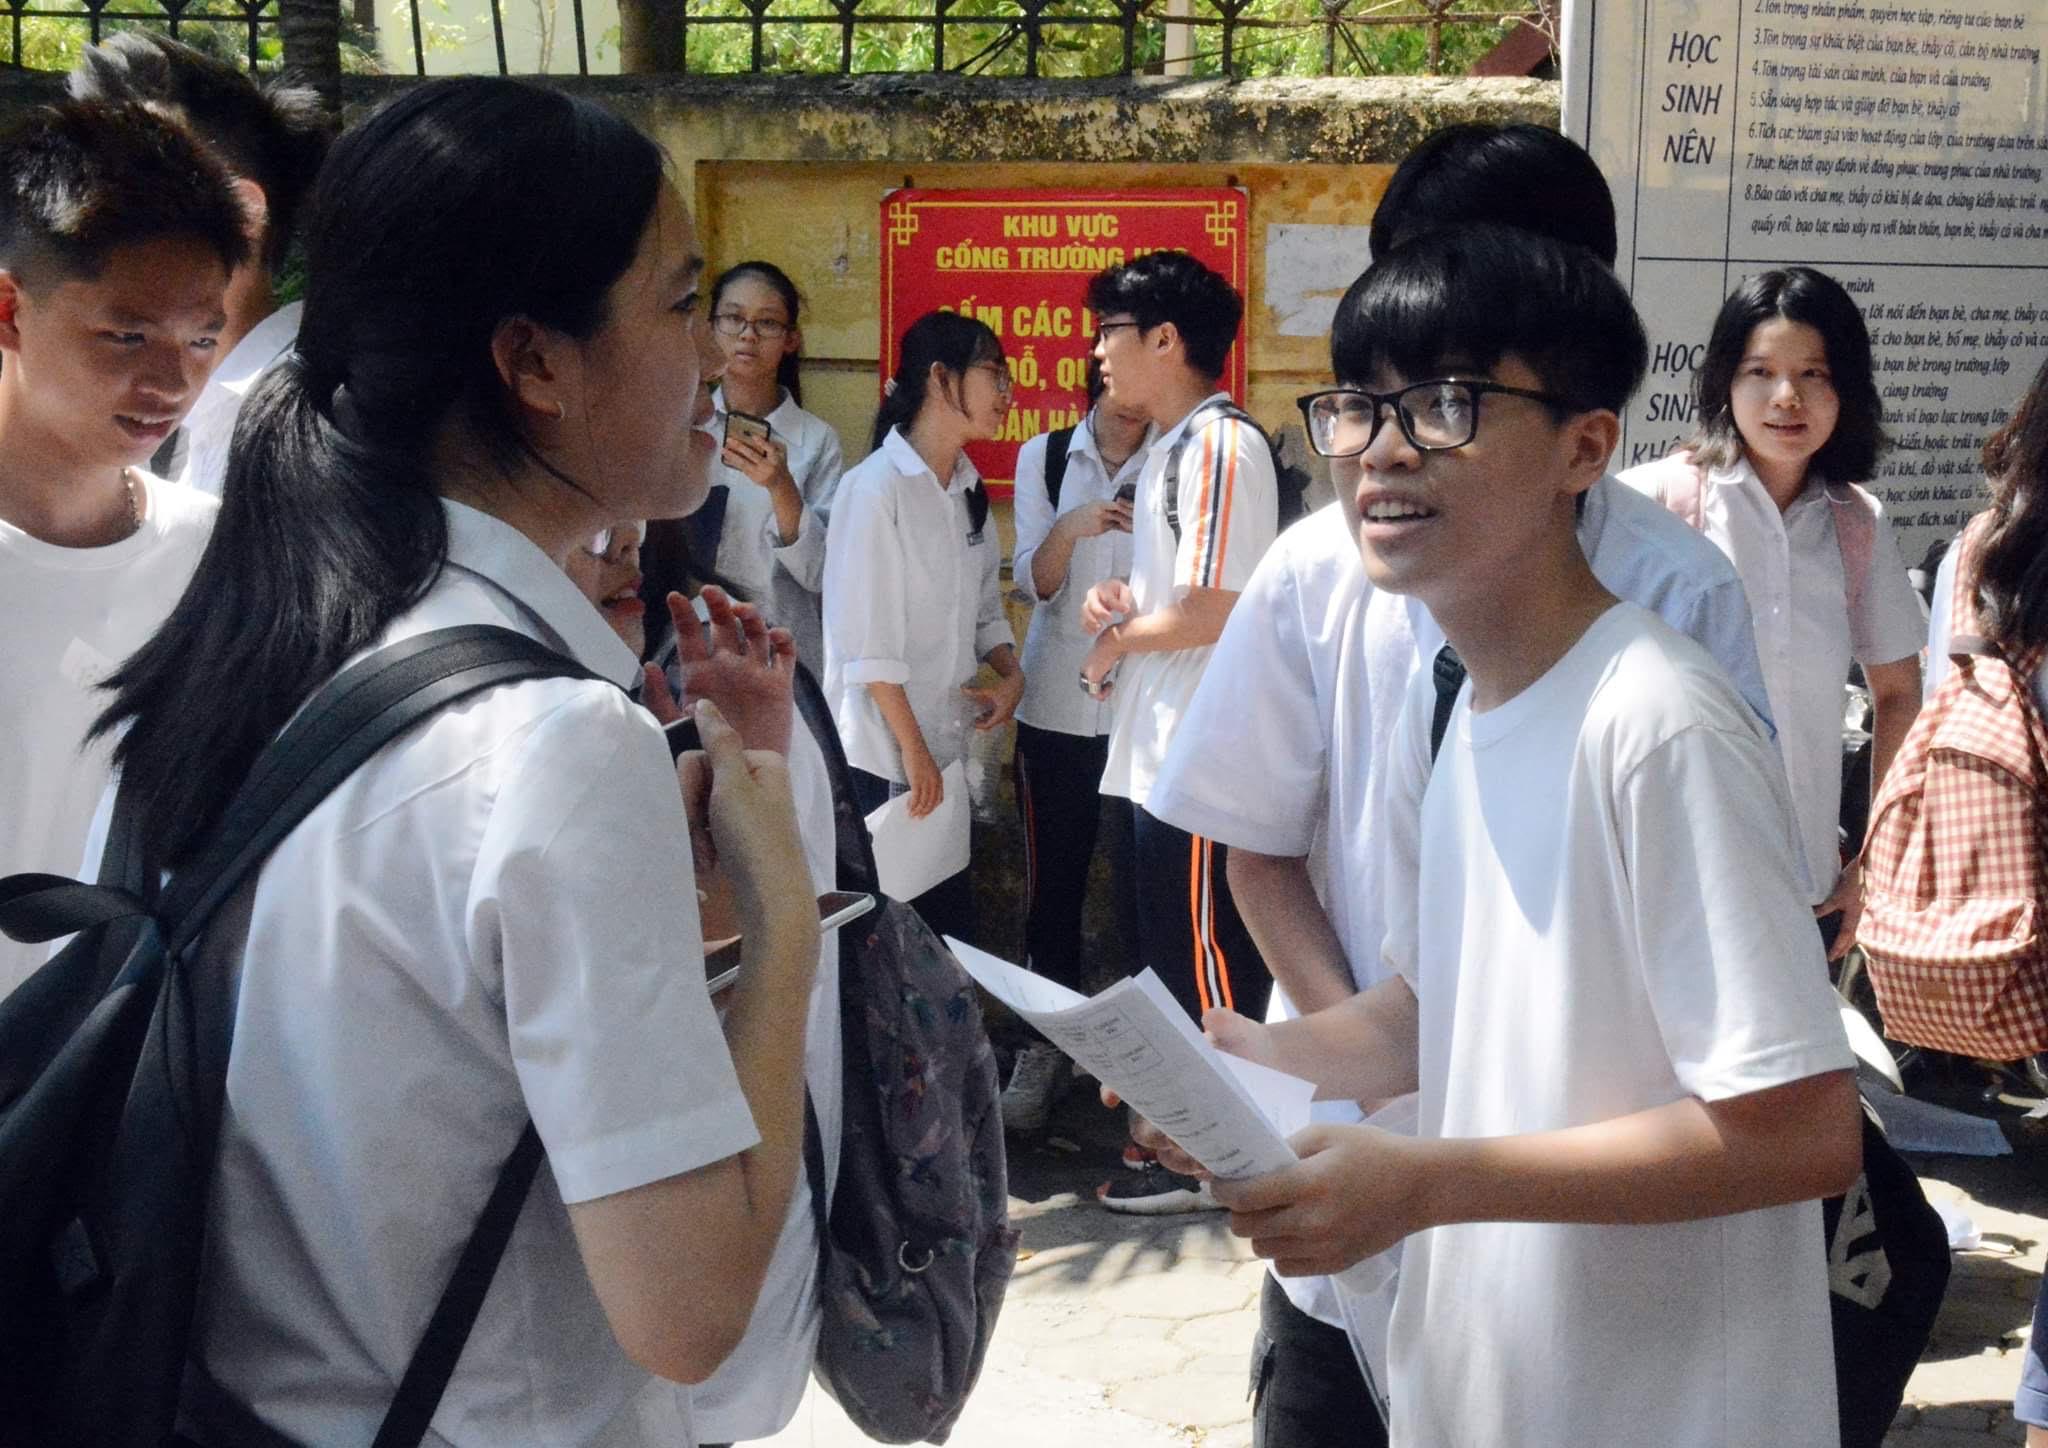 Hà Nội Thí sinh có thể đạt điểm khá đề Ngữ văn lớp 10